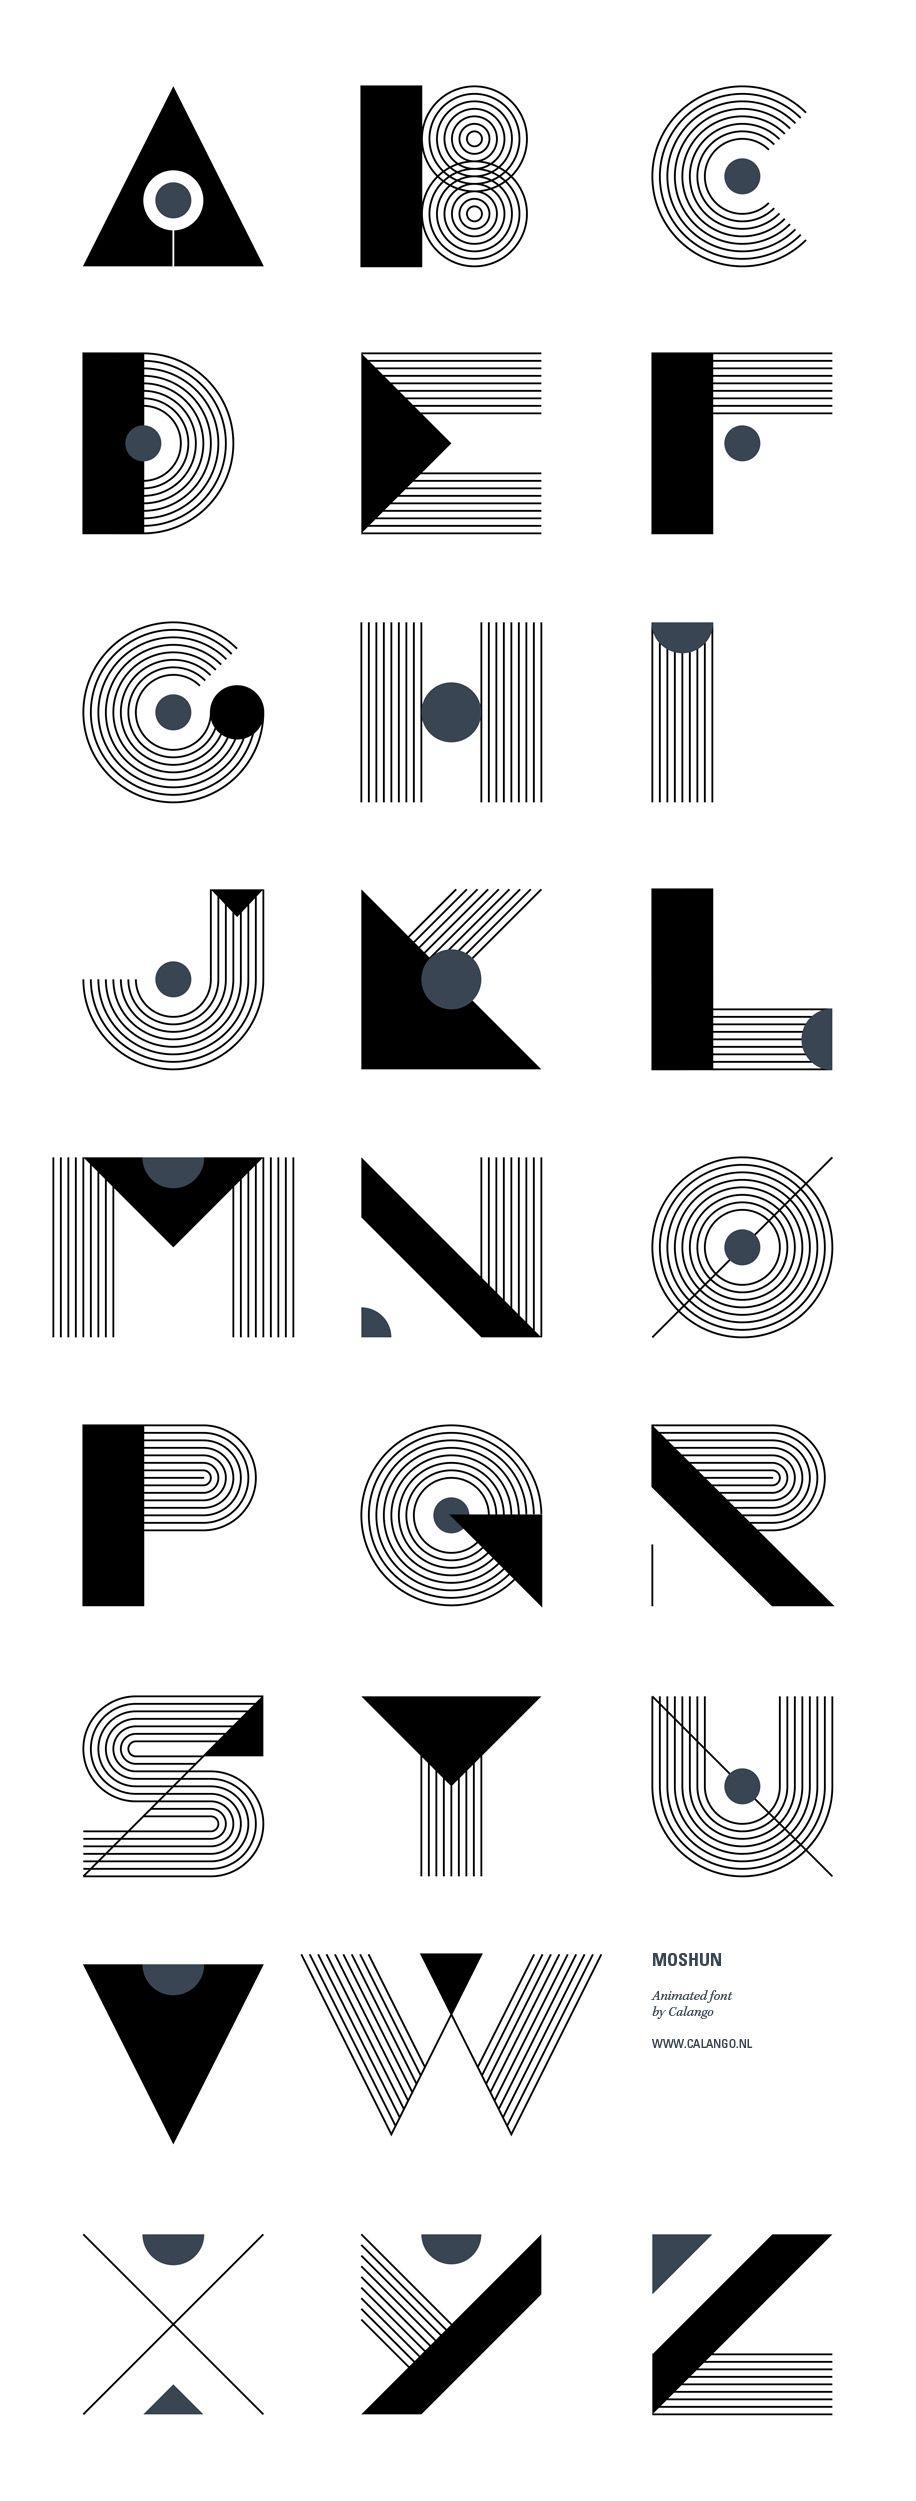 Animated Typography Typography design, Typographic